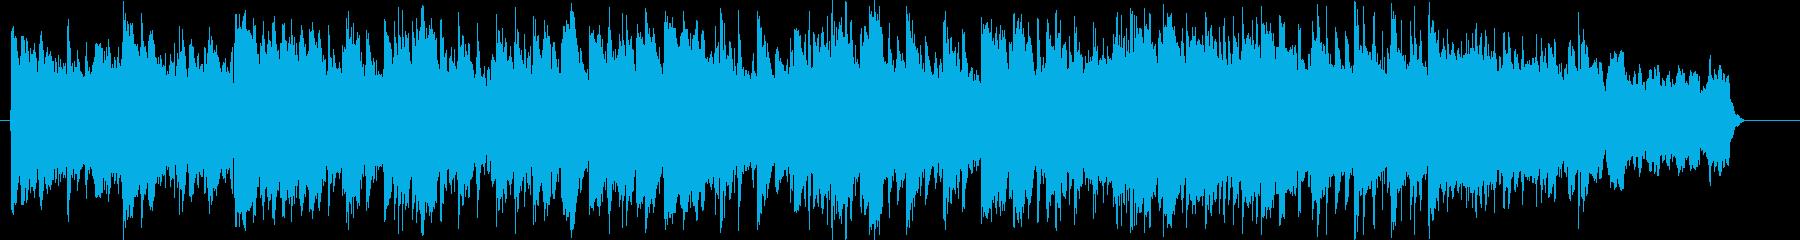 ブライダル向けのしっとりしたピアノBGMの再生済みの波形